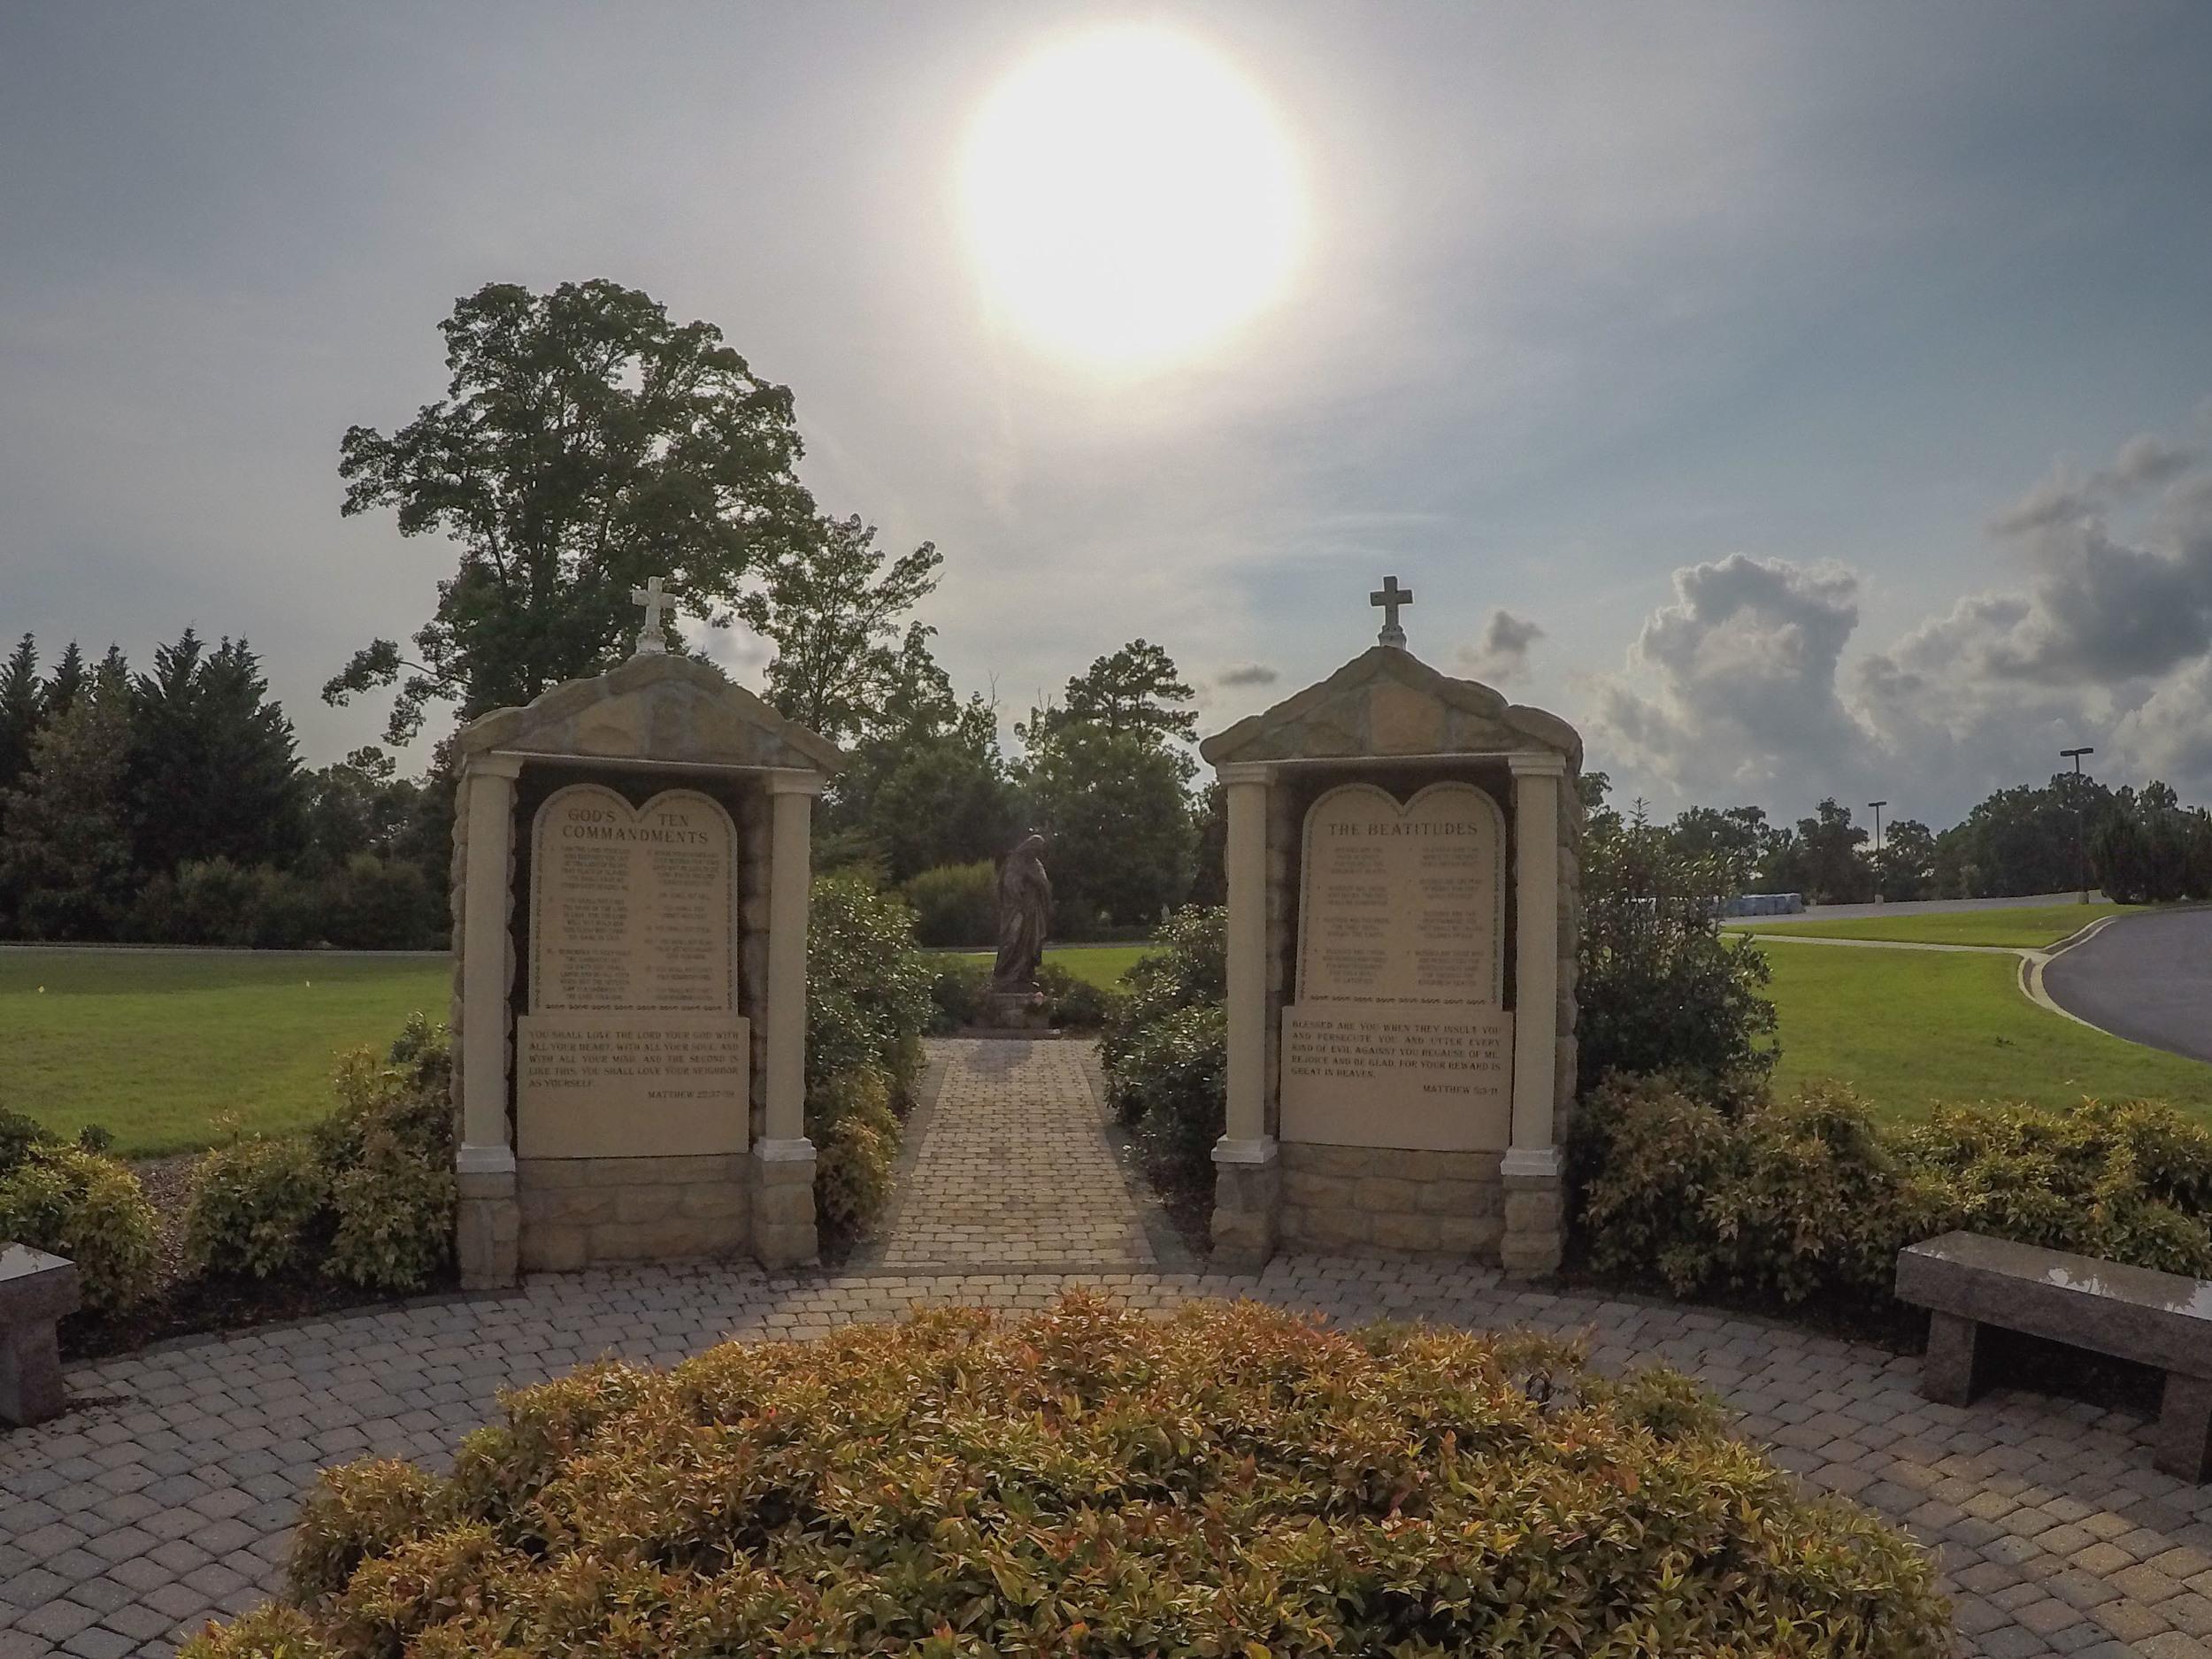 Shrine_of_the-most_blessed_sacrament-1079.jpg